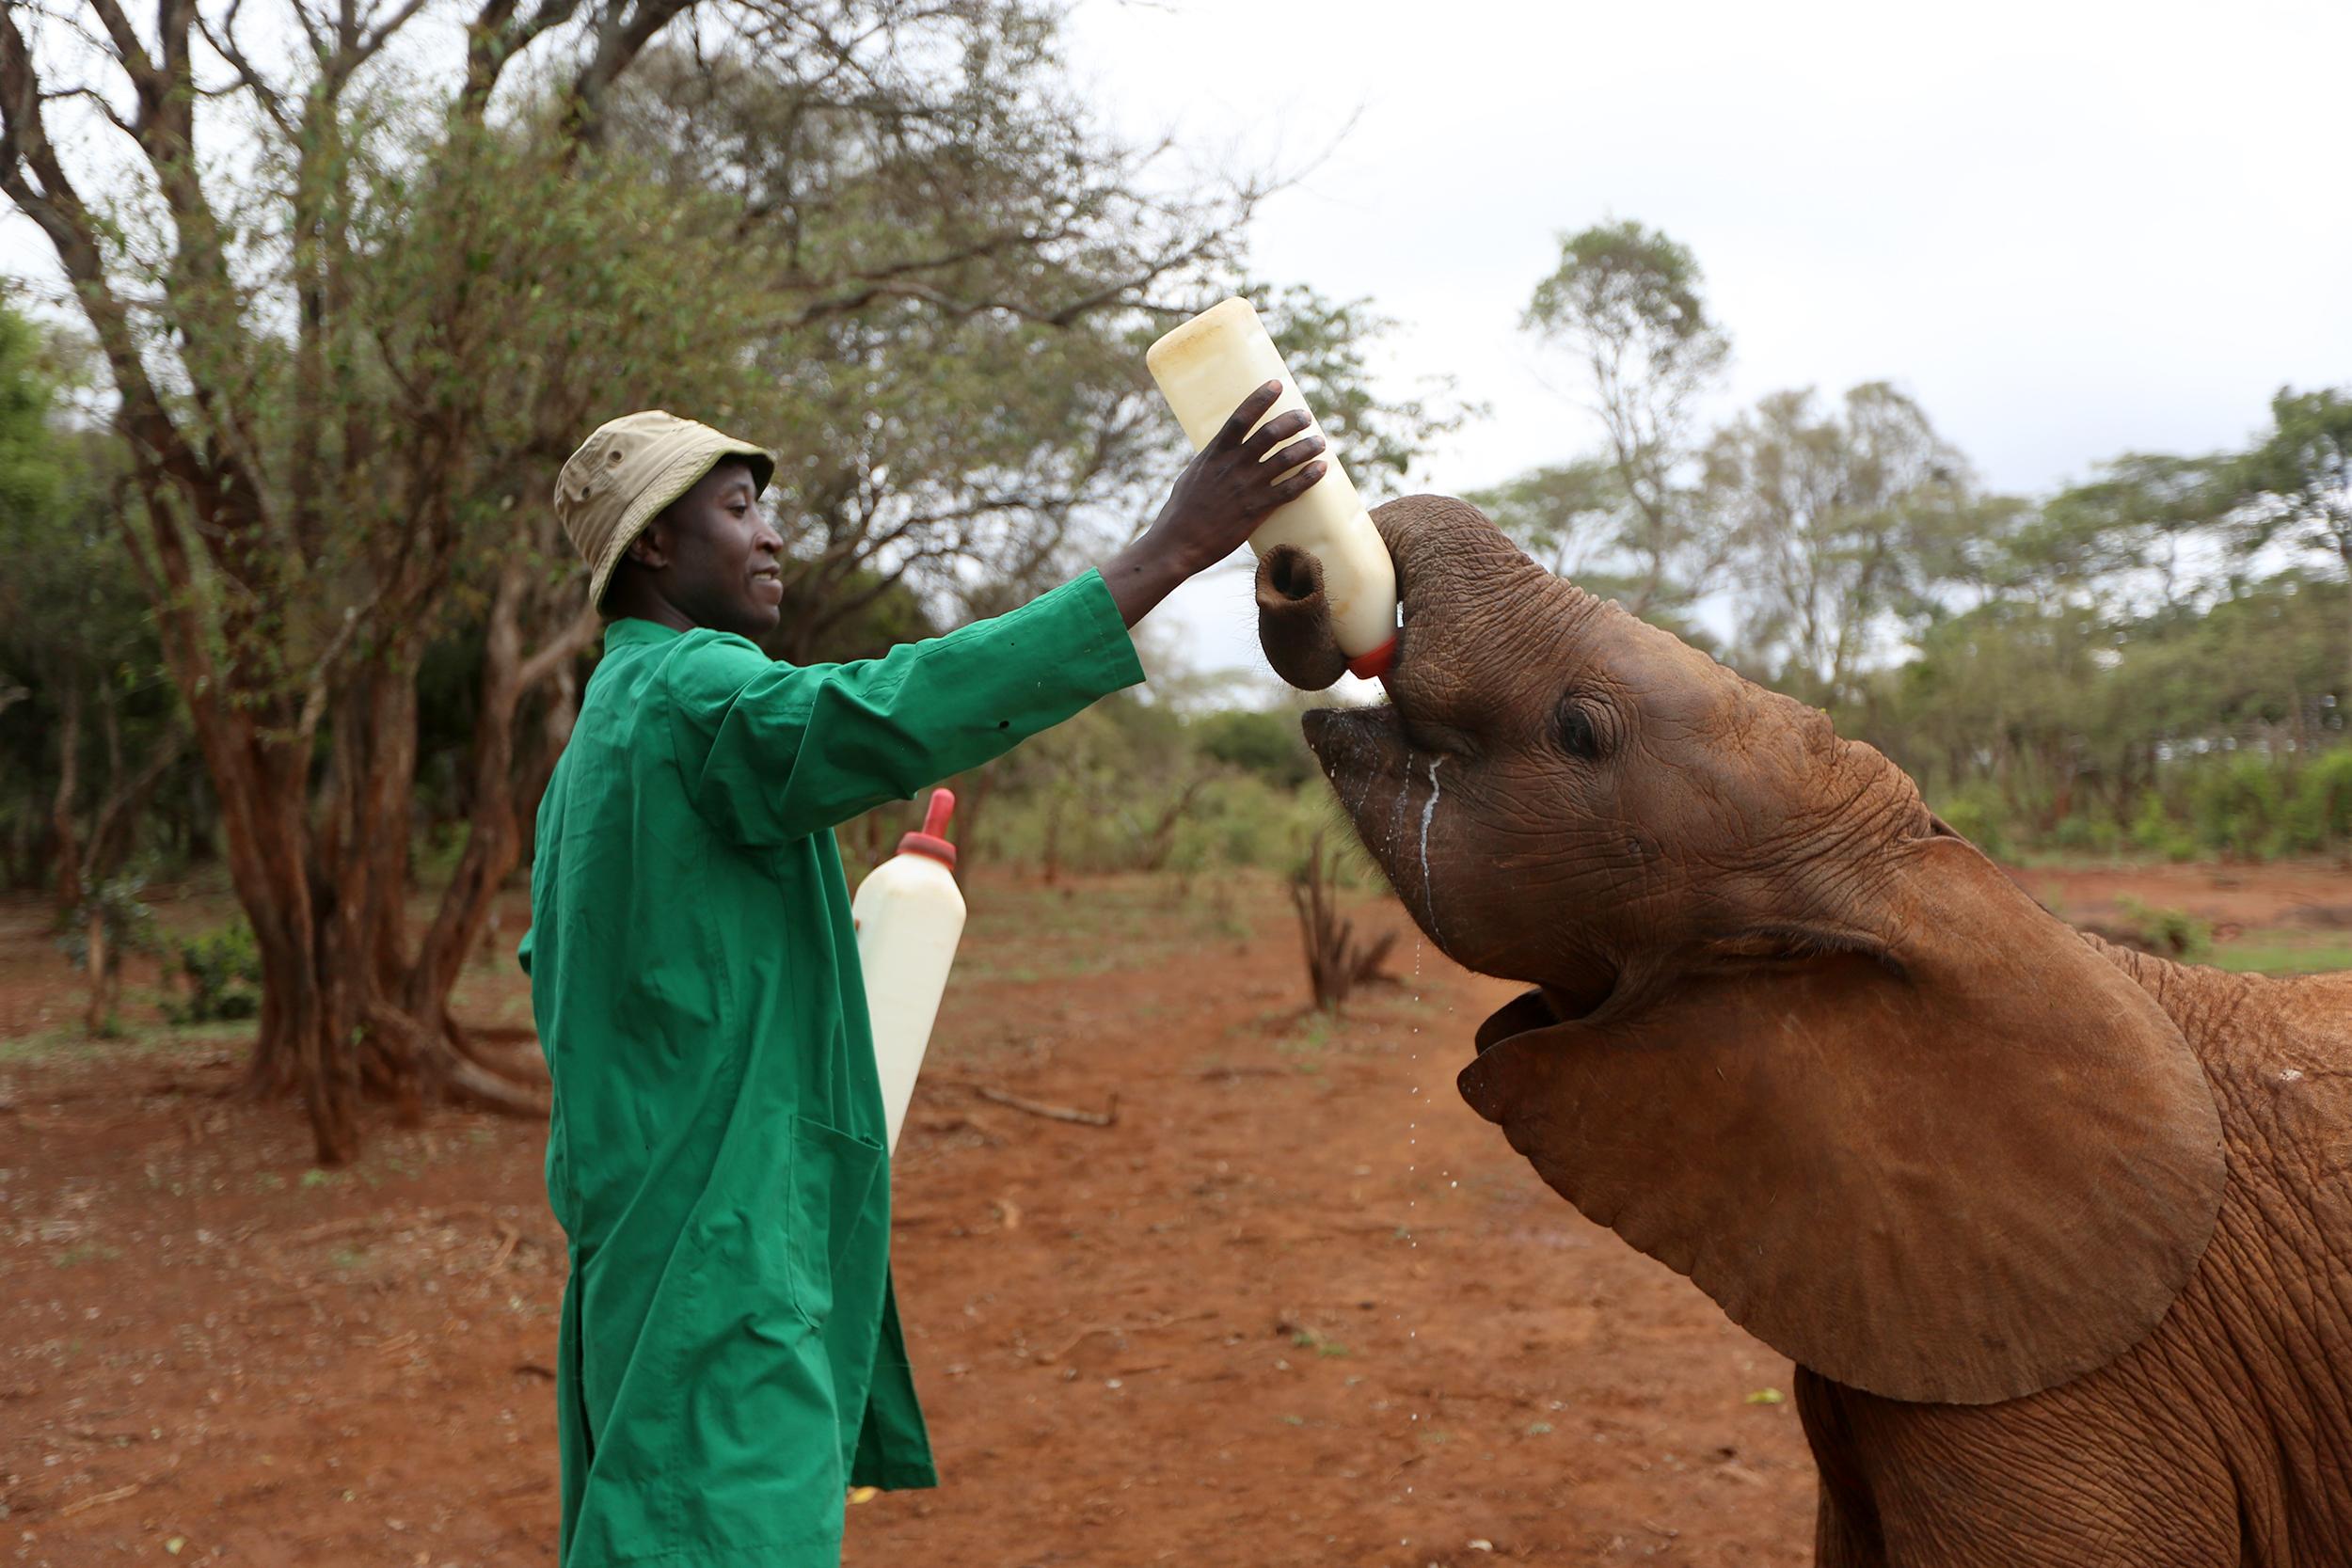 Image: Feeding a Baby Elephant